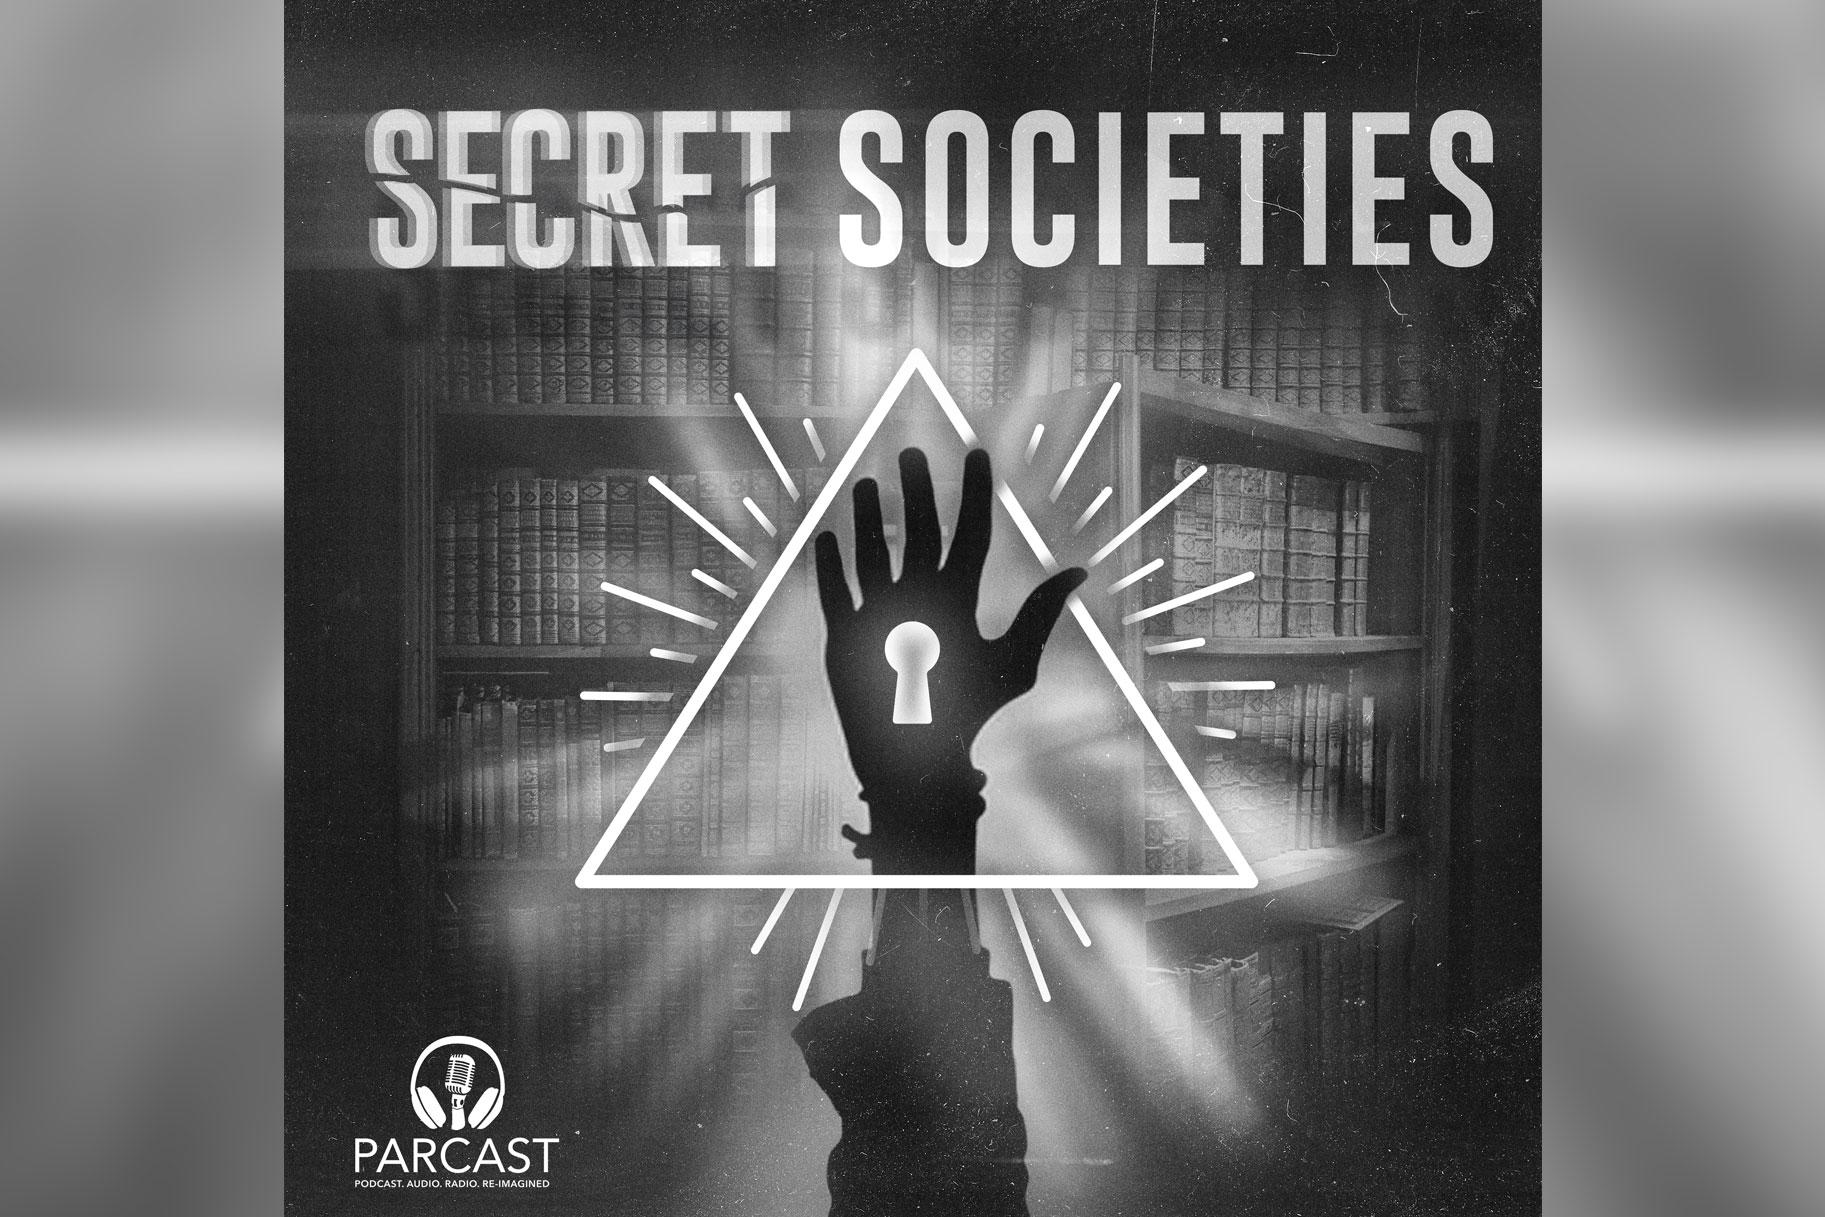 'הם לוקחים שבועות דם, עורכים מסות שחורות': פודקאסט חדש מסתכל על חברות סודיות כמו האילומינטי